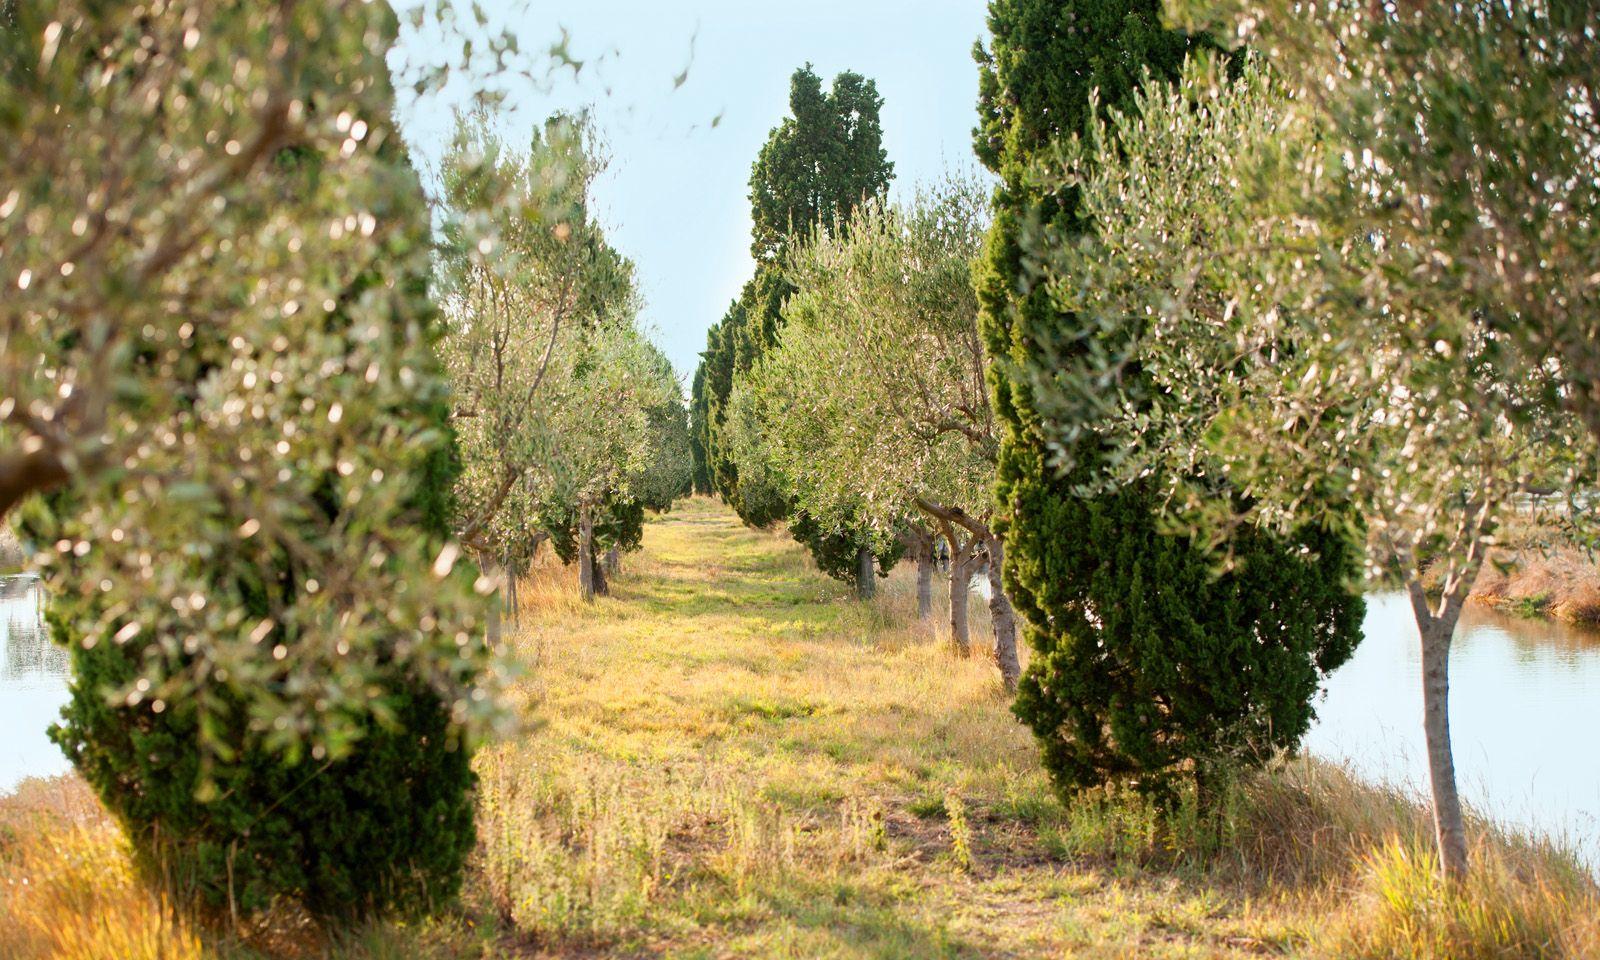 Nutzung. Olivenbäume säumen die Wälle, Wein und Früchte gedeihen auf der Insel.